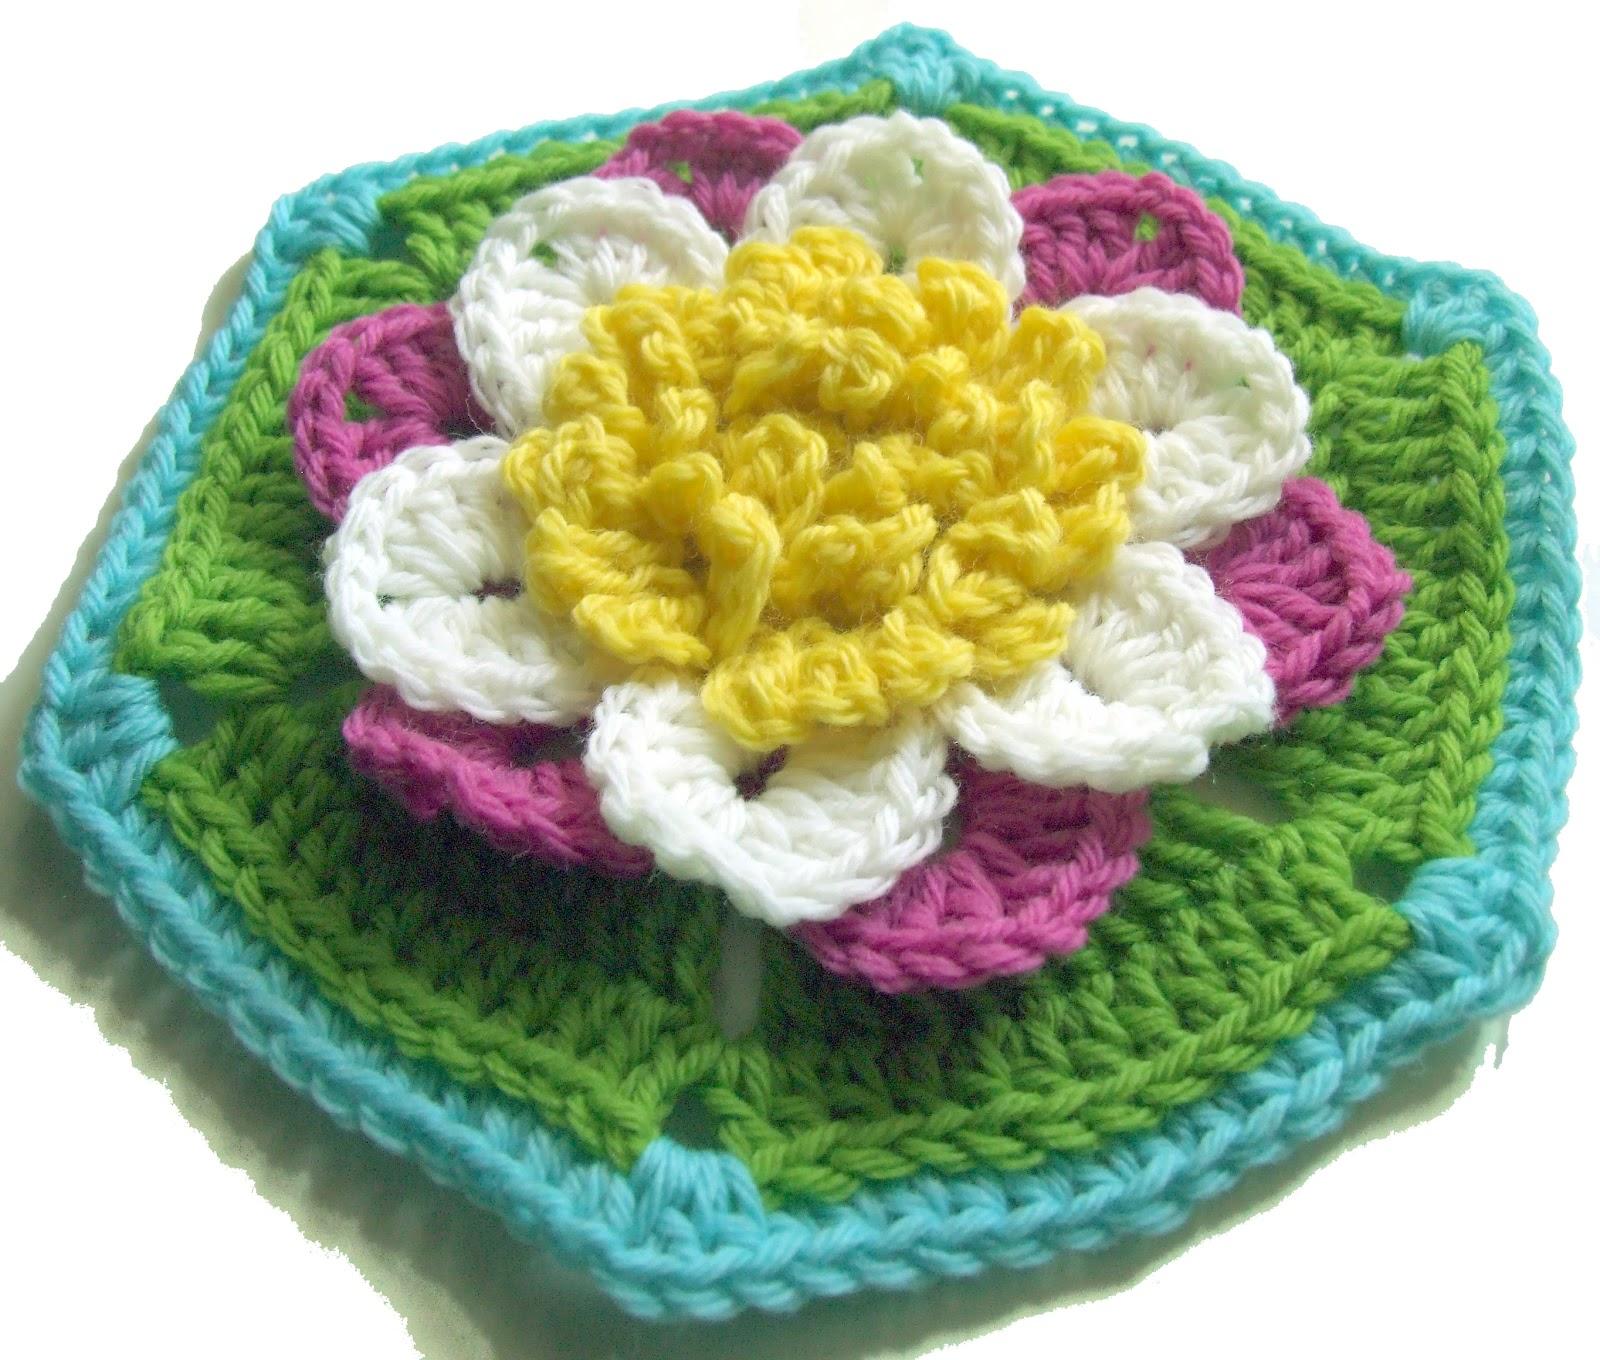 Water Lily Hexagon Crochet Pattern Woolnhook By Leonie Morgan